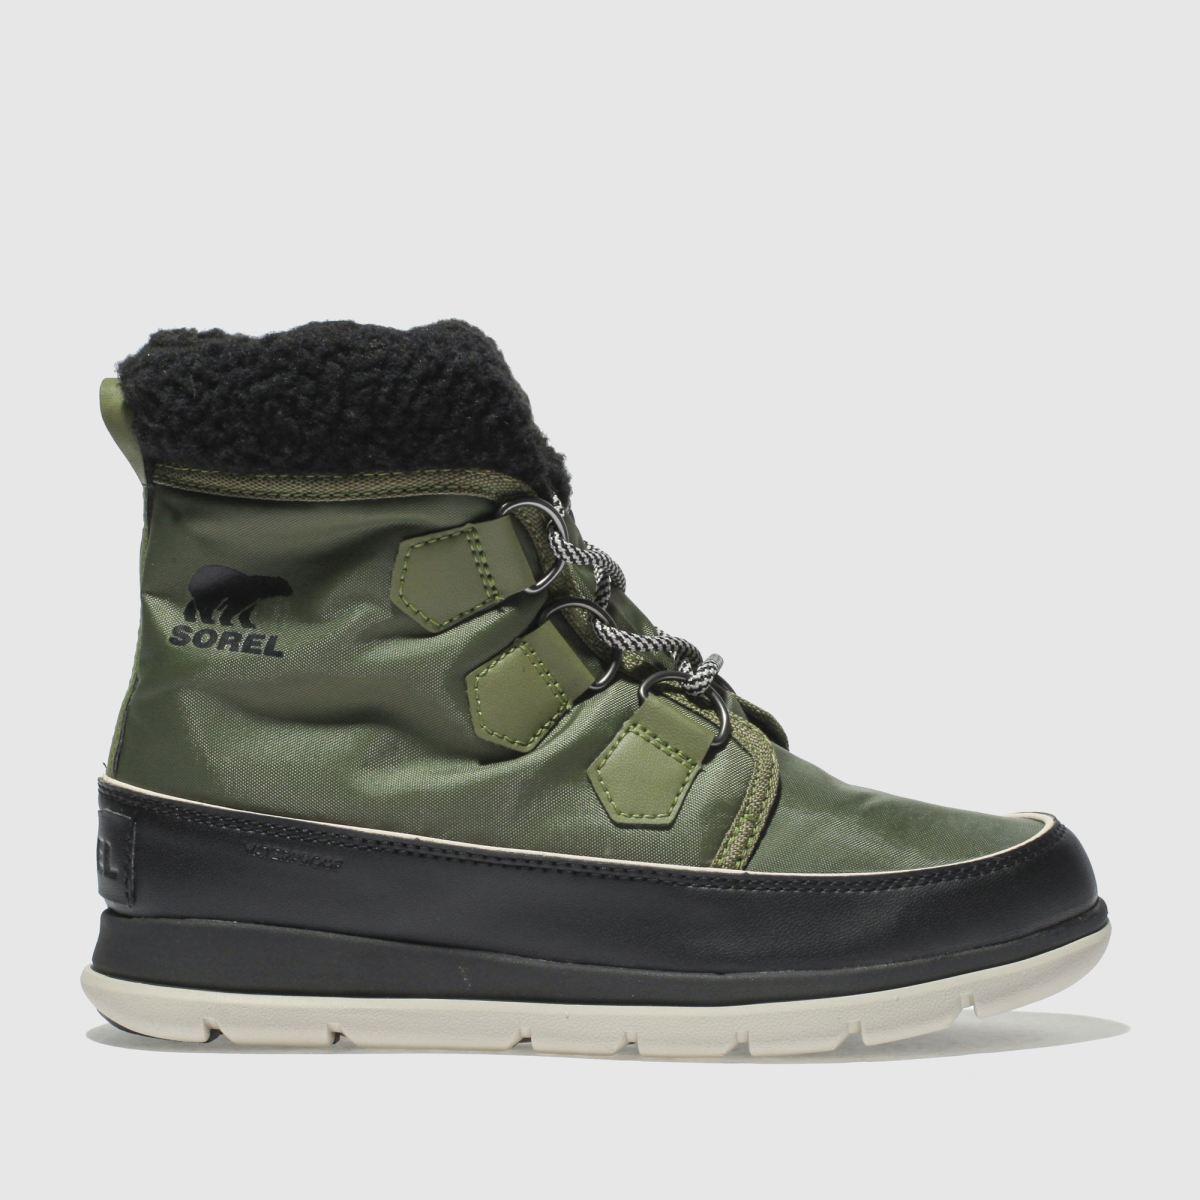 Sorel Khaki Explorer Carnival Boots